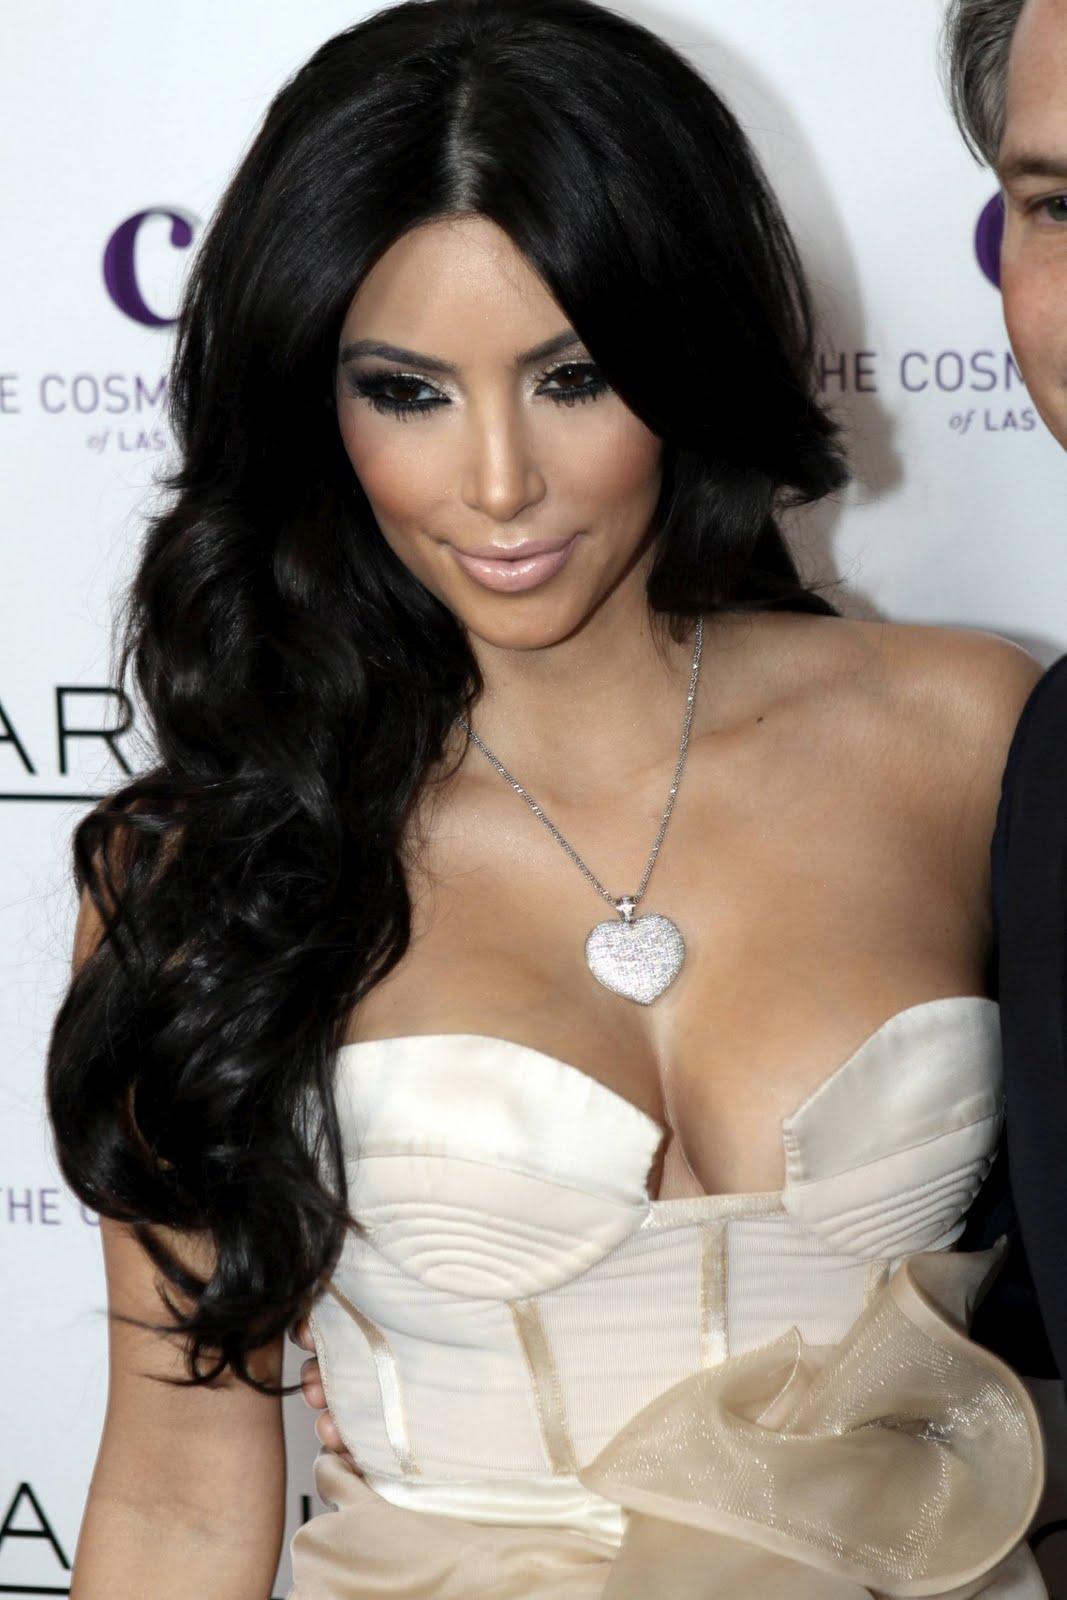 http://3.bp.blogspot.com/--2BfvJRoztQ/TWPsQqtTZxI/AAAAAAAABxs/JG3TBoSOzD8/s1600/Kim-Kardashian-143.jpg